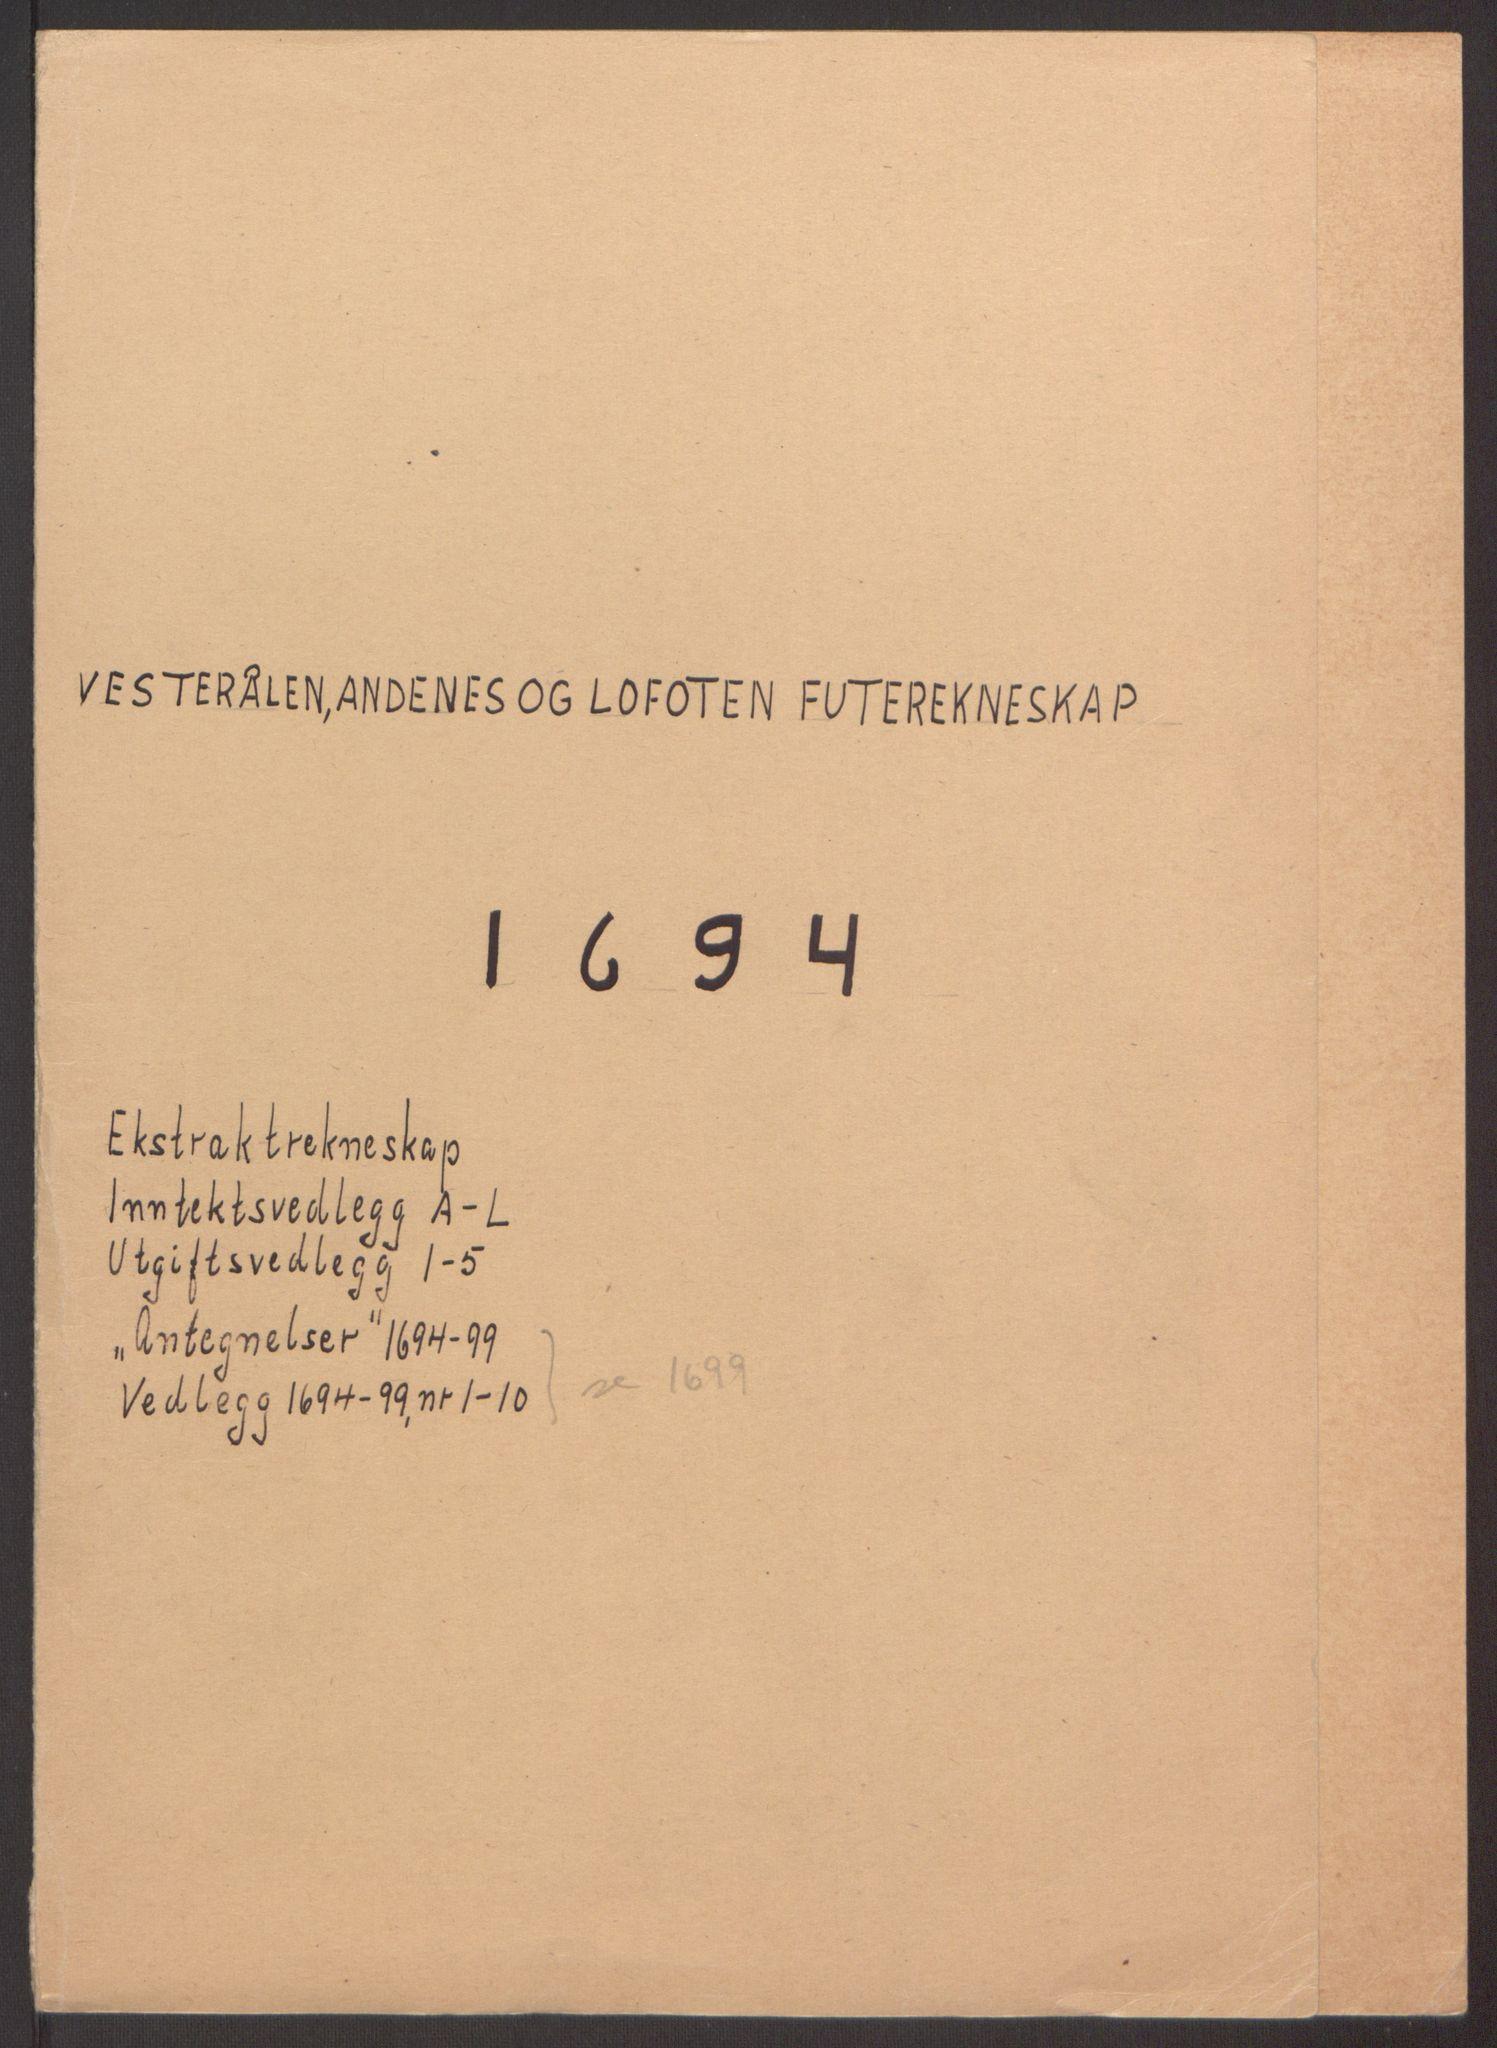 RA, Rentekammeret inntil 1814, Reviderte regnskaper, Fogderegnskap, R67/L4677: Fogderegnskap Vesterålen, Andenes og Lofoten, 1694-1695, s. 2